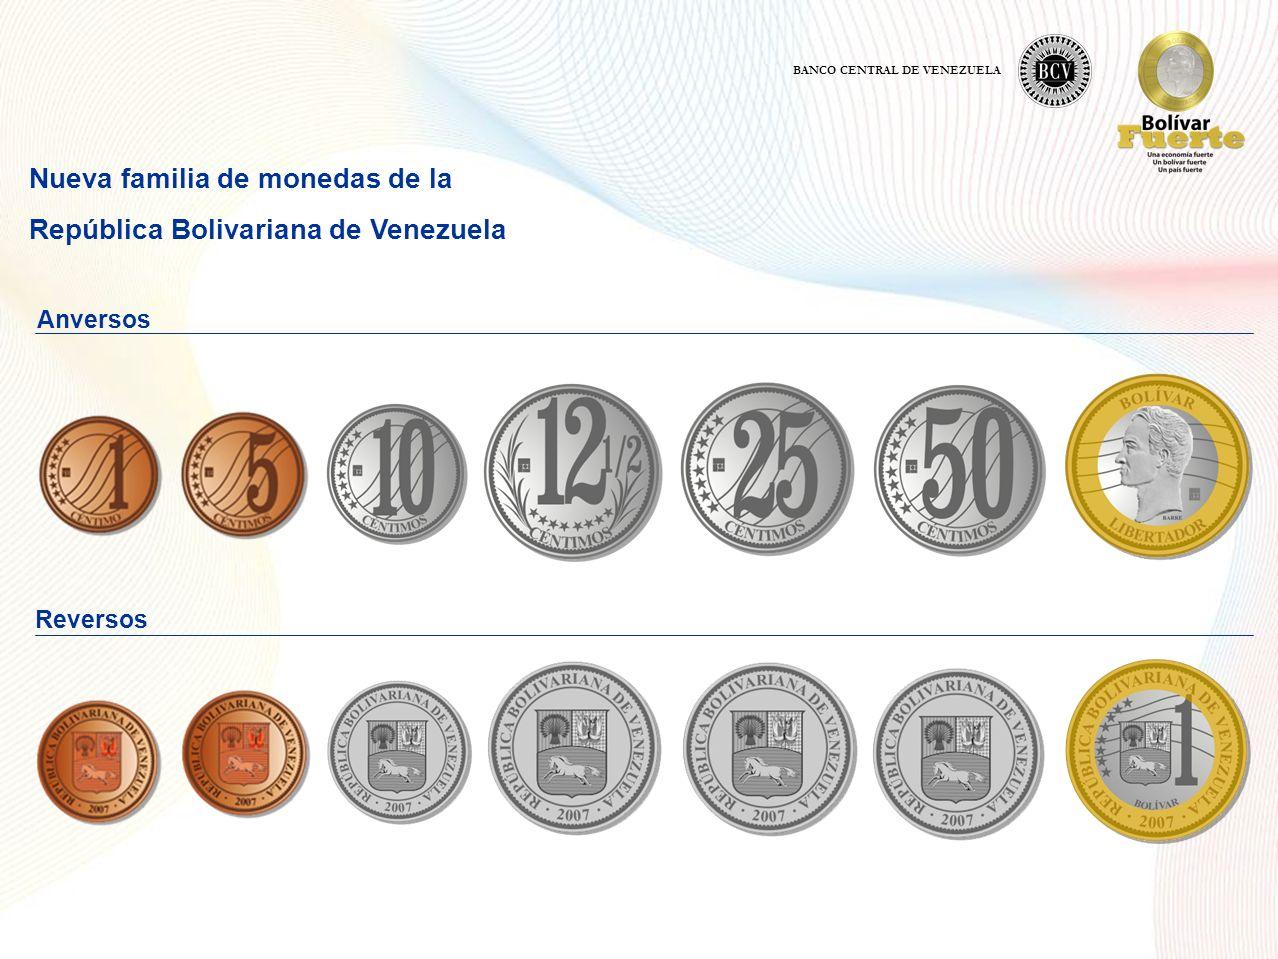 Nueva familia de monedas de la República Bolivariana de Venezuela Anversos Reversos BANCO CENTRAL DE VENEZUELA